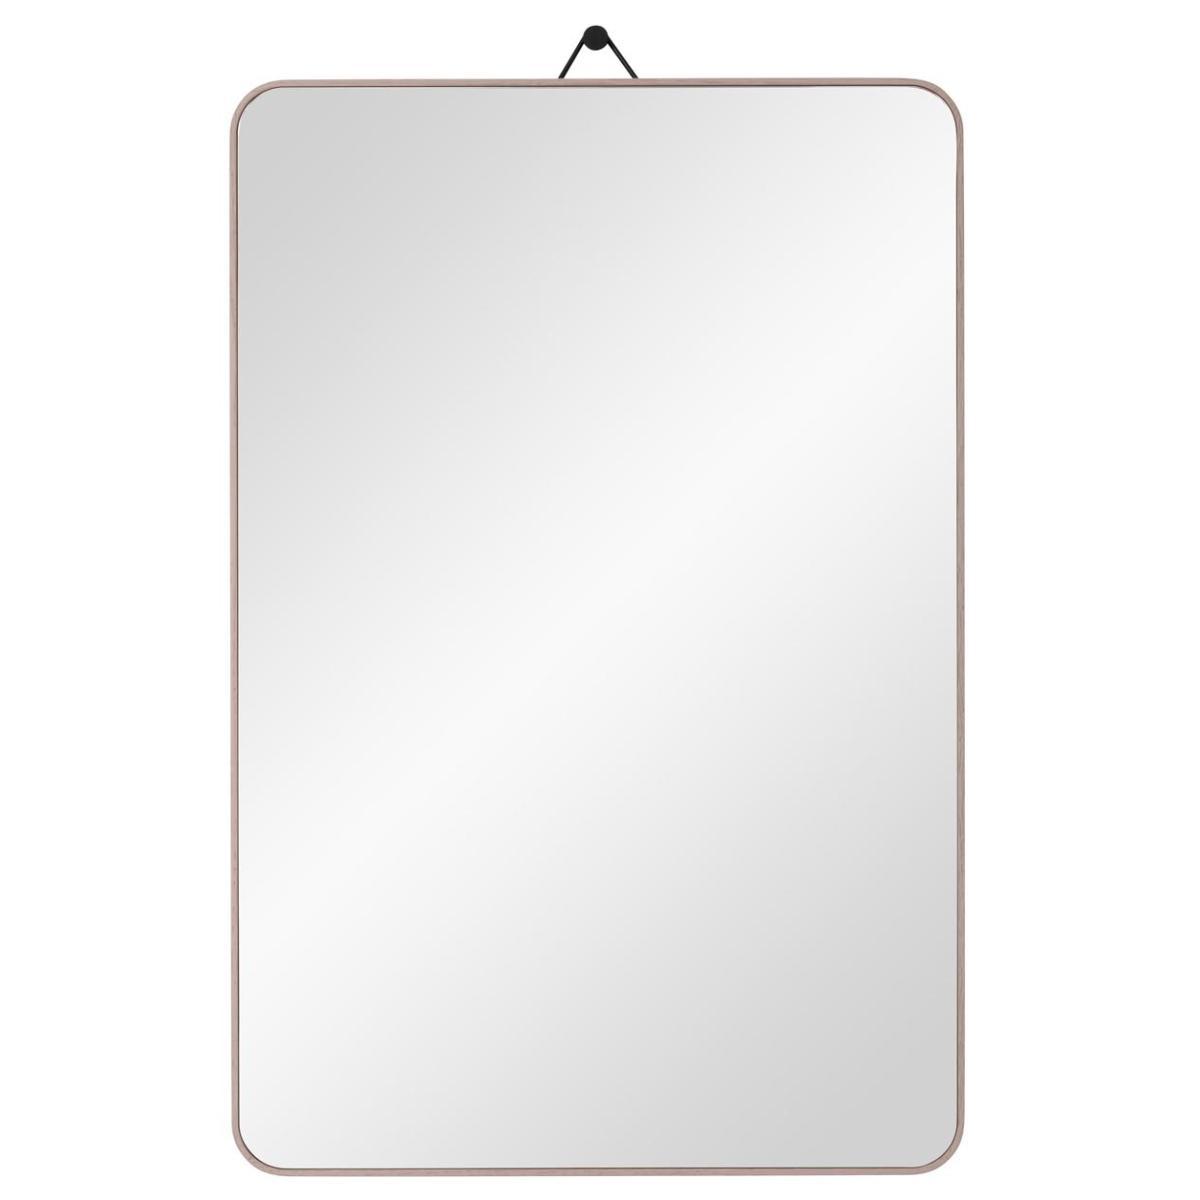 VIEW Spiegel 40 x 60 cm Eiche kieselstein